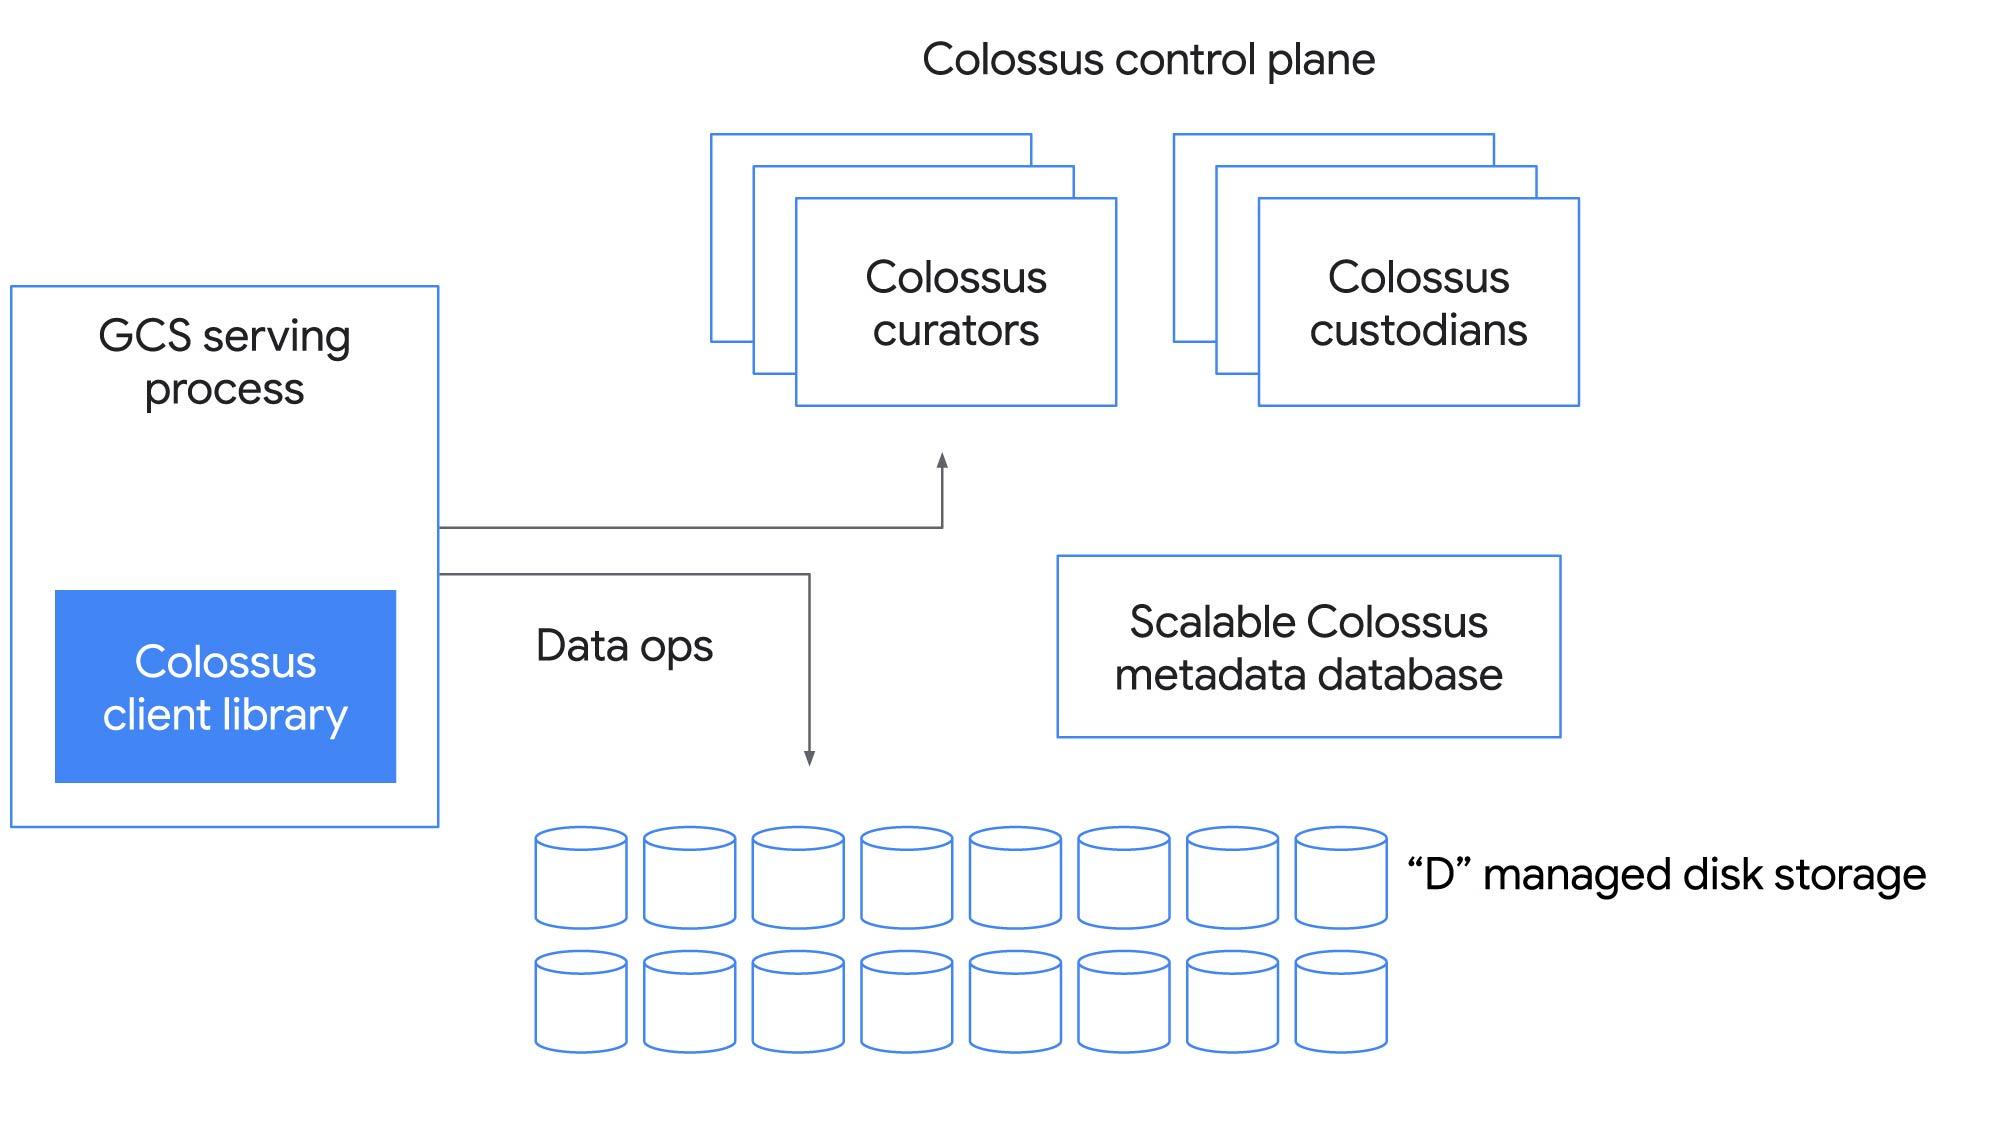 Colossus control plane.jpg